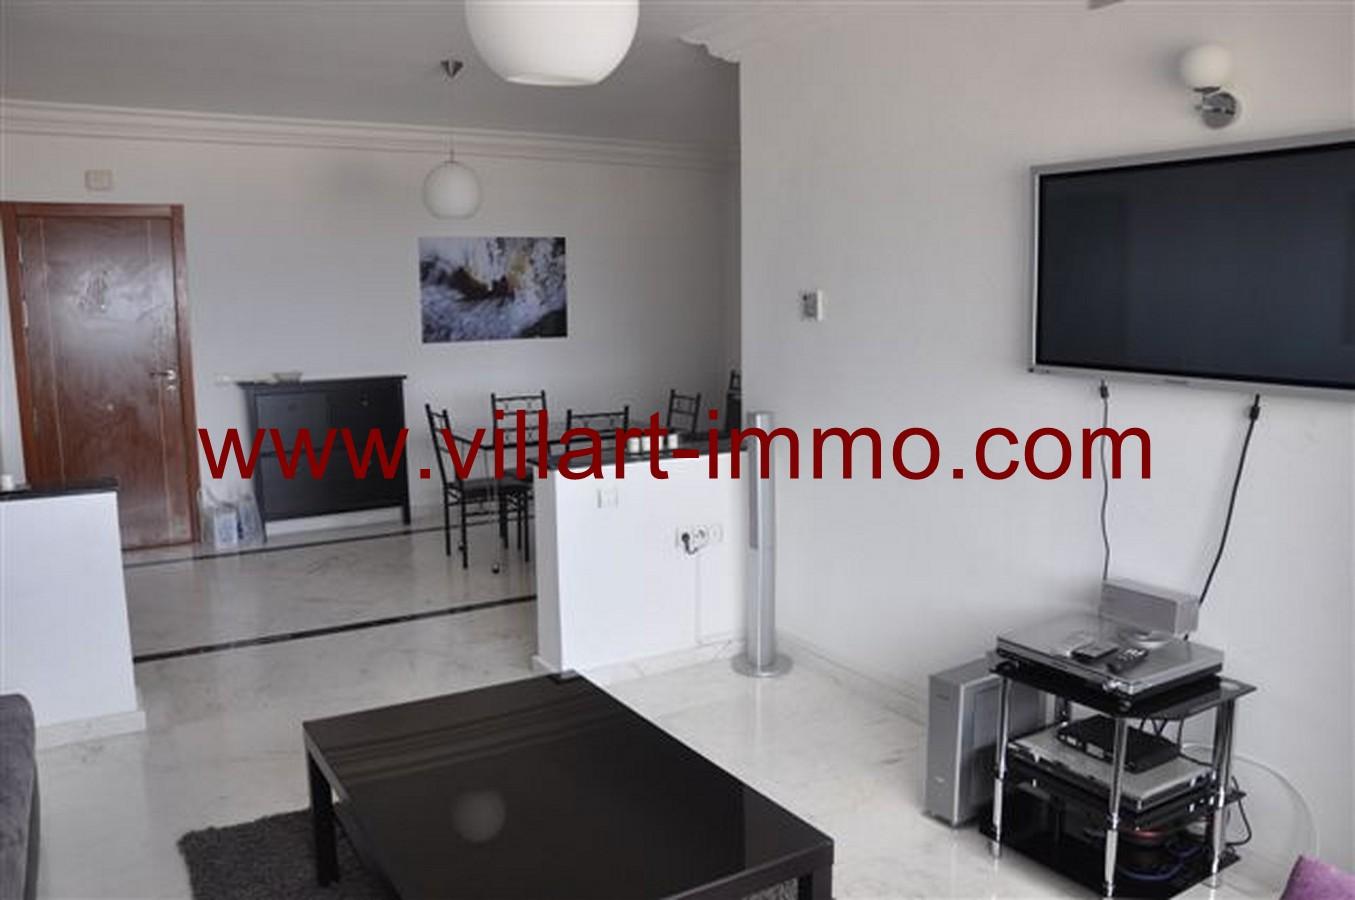 7-Location-Appartement-Meublé-Tanger-Centre ville-Entrée-L131-Villart immo